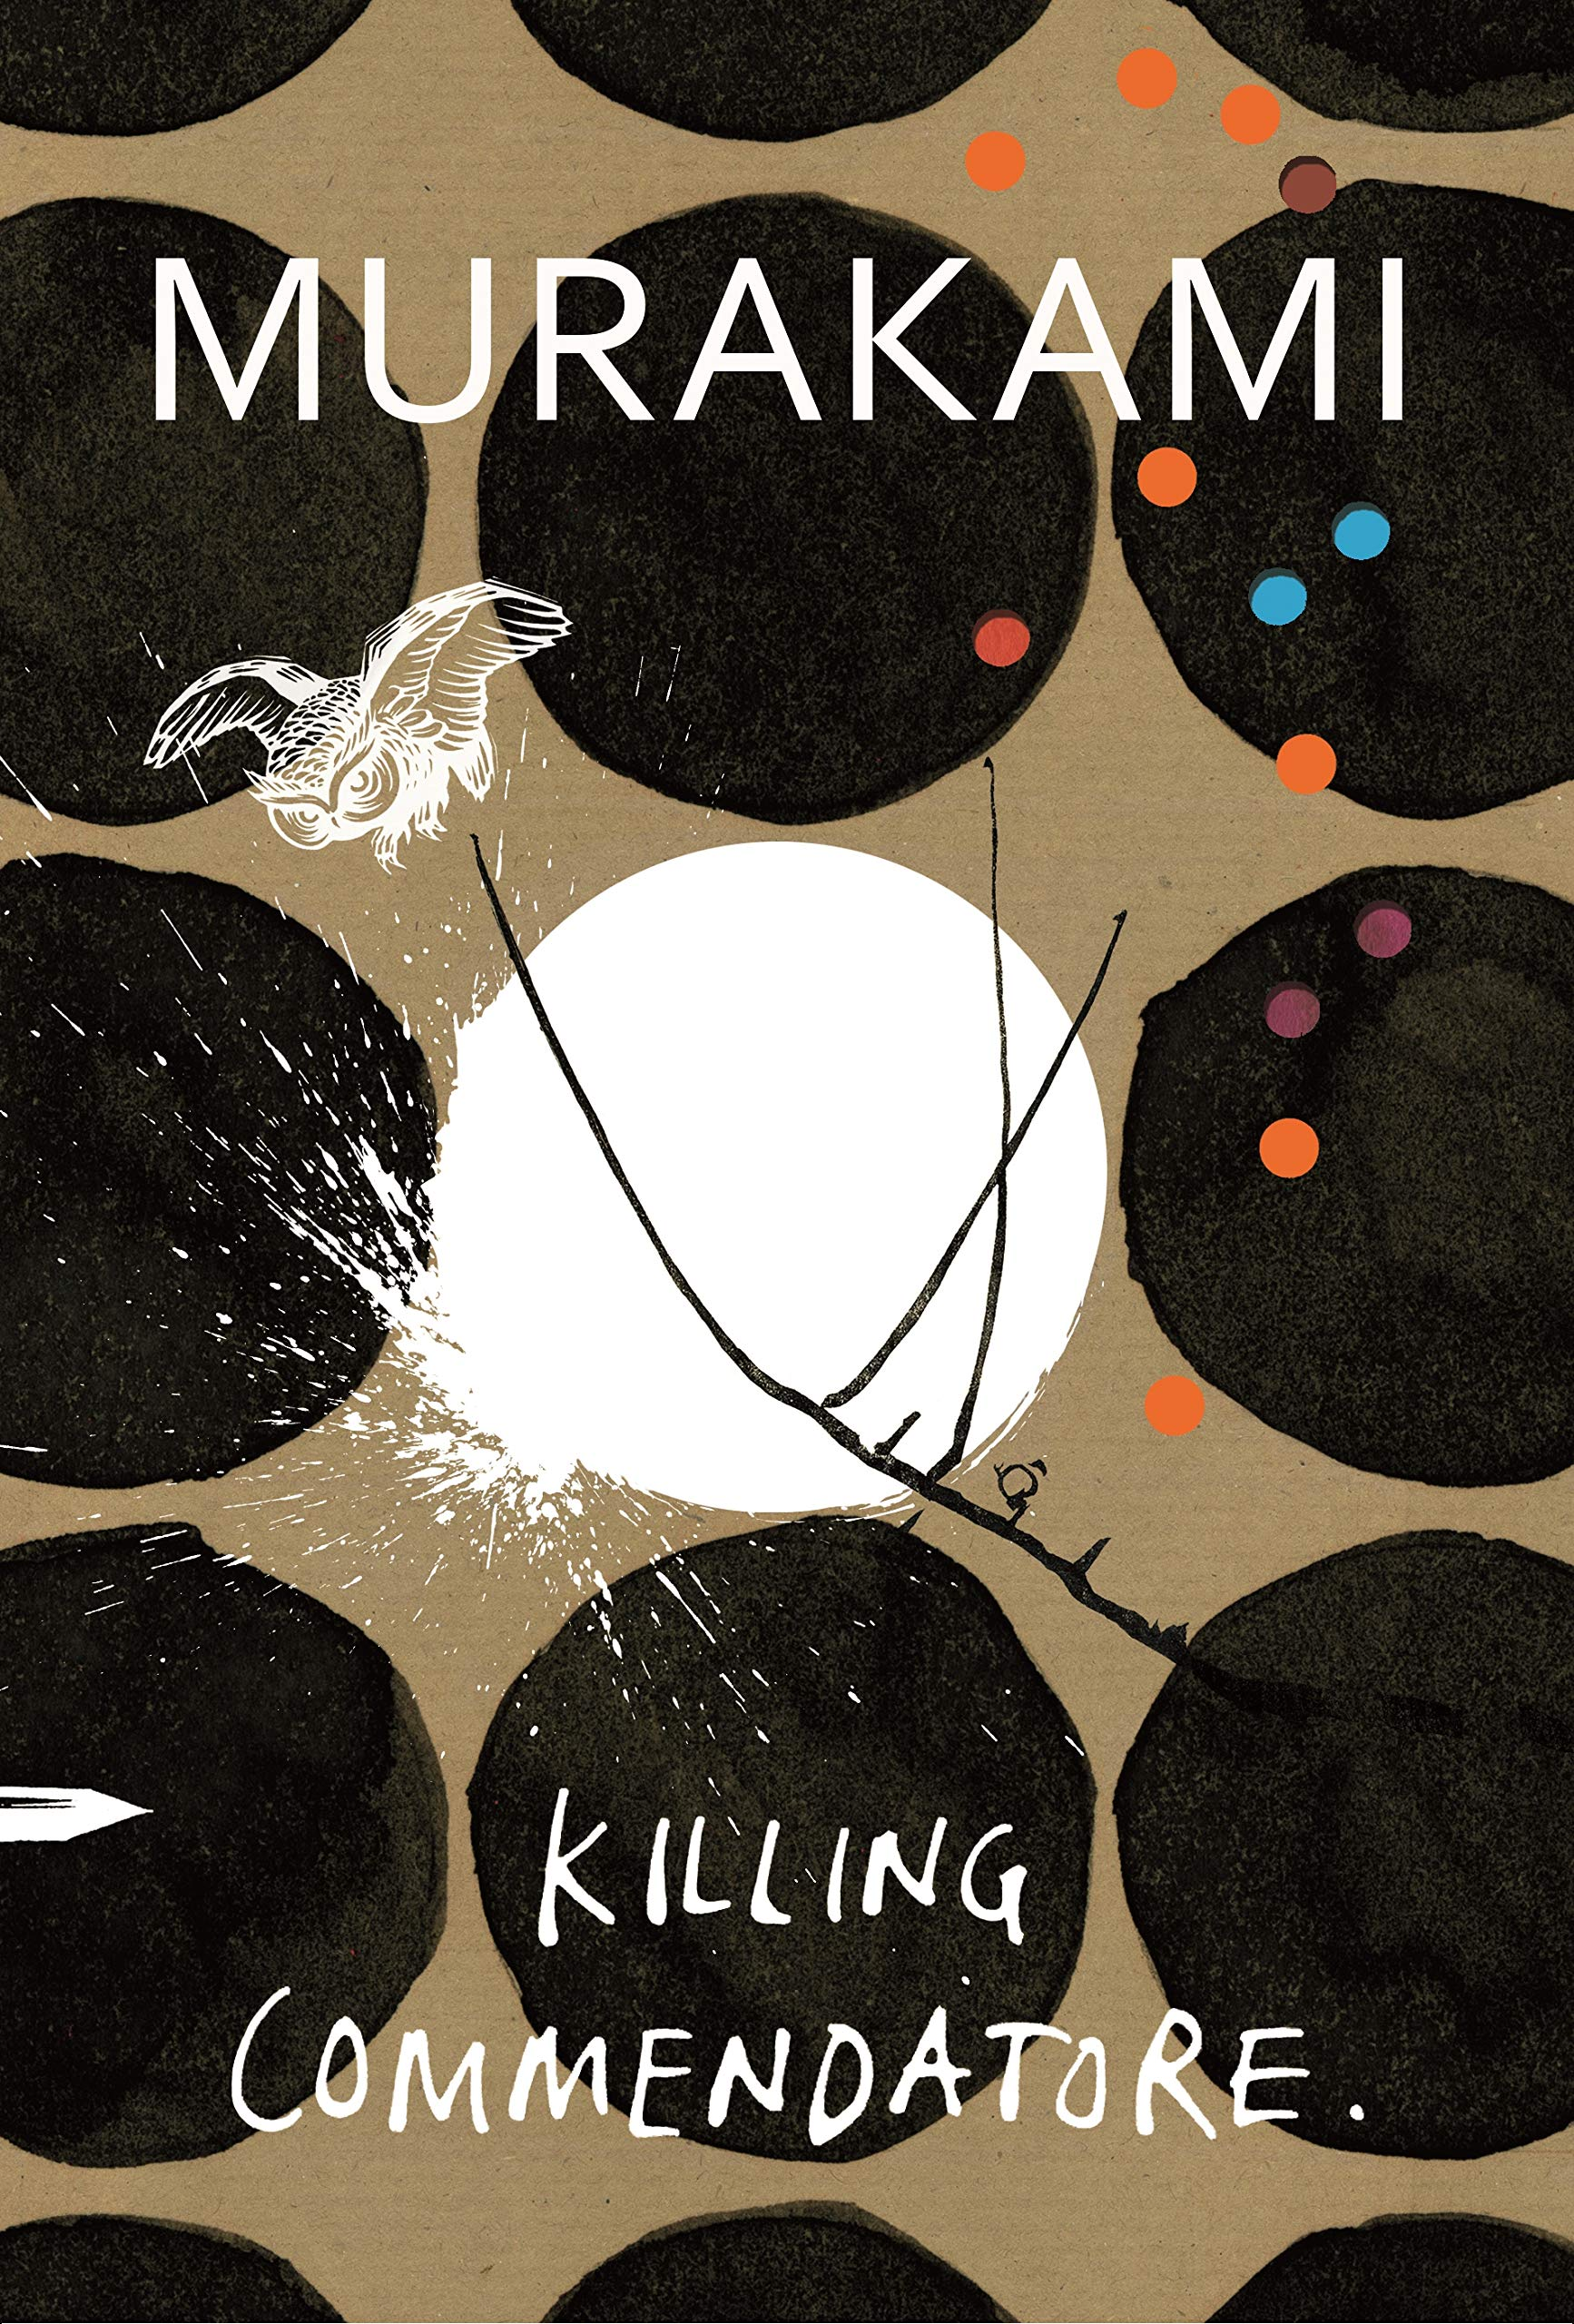 Killing Commendatore: Amazon.it: Murakami, Haruki: Libri in altre ...